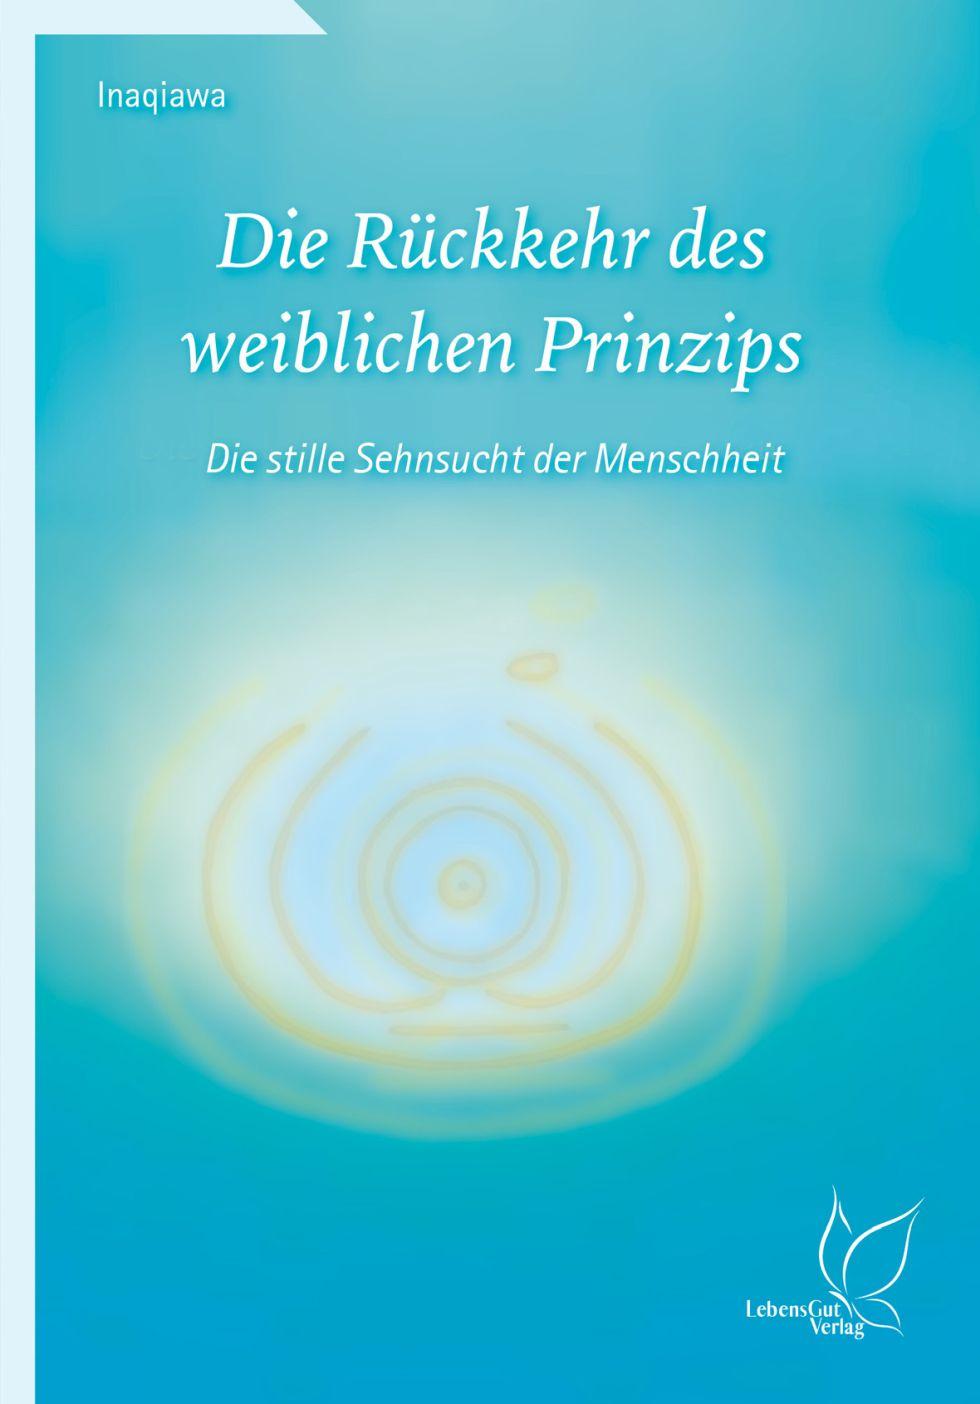 Titelbild: Die Rückkehr des weiblichen Prinzips